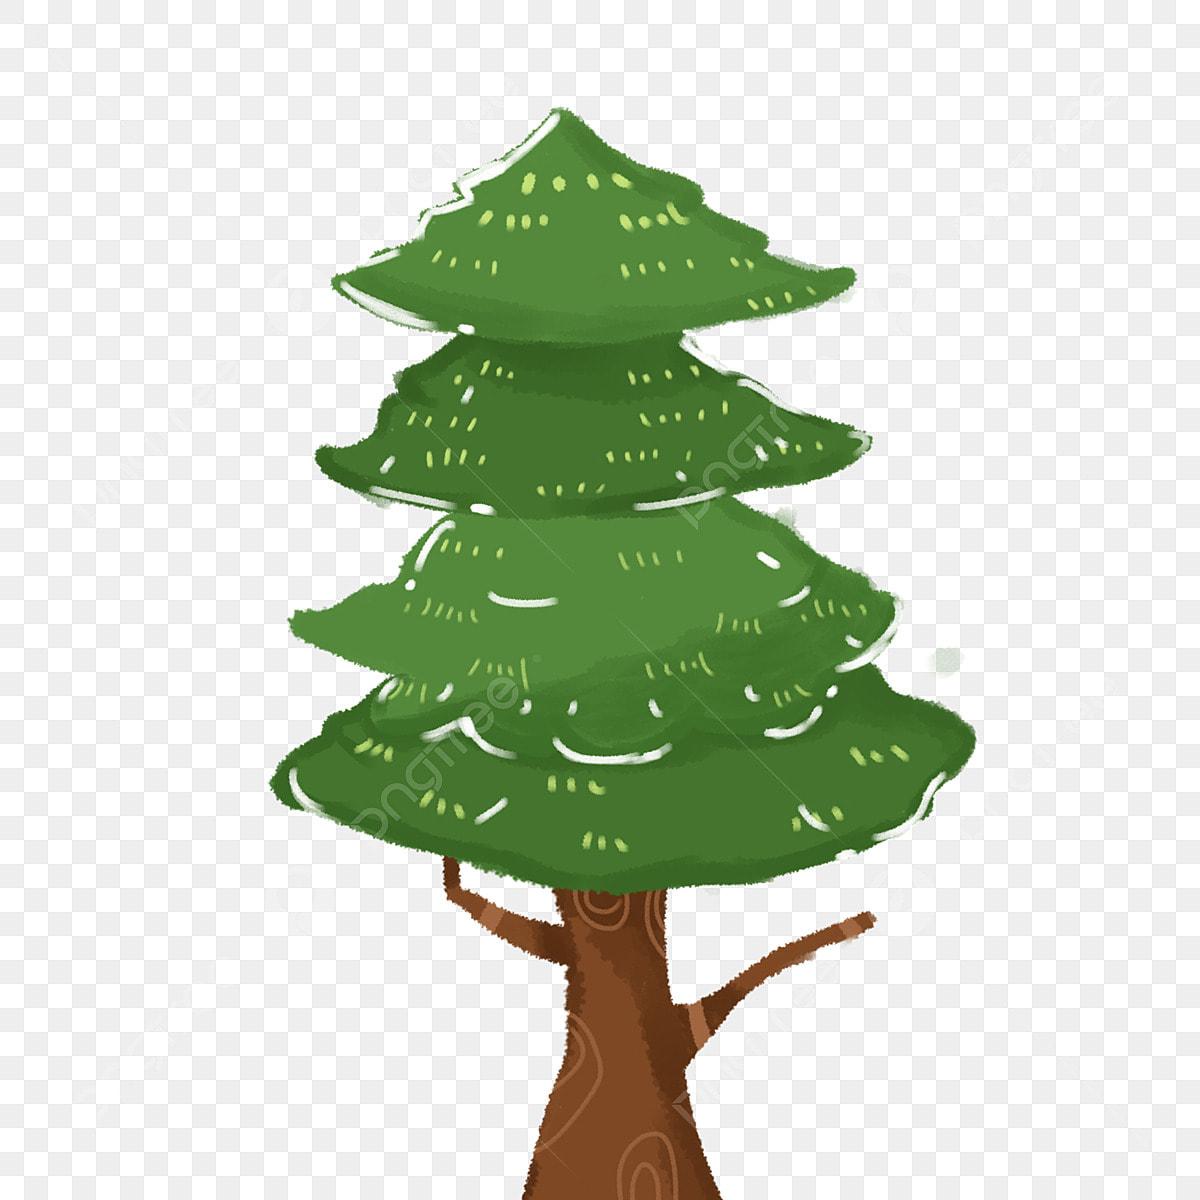 Gambar Pokok Dilukis Tangan Beringin Hijau Dilukis Tangan Pokok Kartun Pokok Hijau Pokok Beringin Pokok Pokok Hijau Tumbuh Tumbuhan Segar Dilukis Tangan Pokok Kartun Pokok Hijau Pokok Beringin Png Dan Psd Untuk